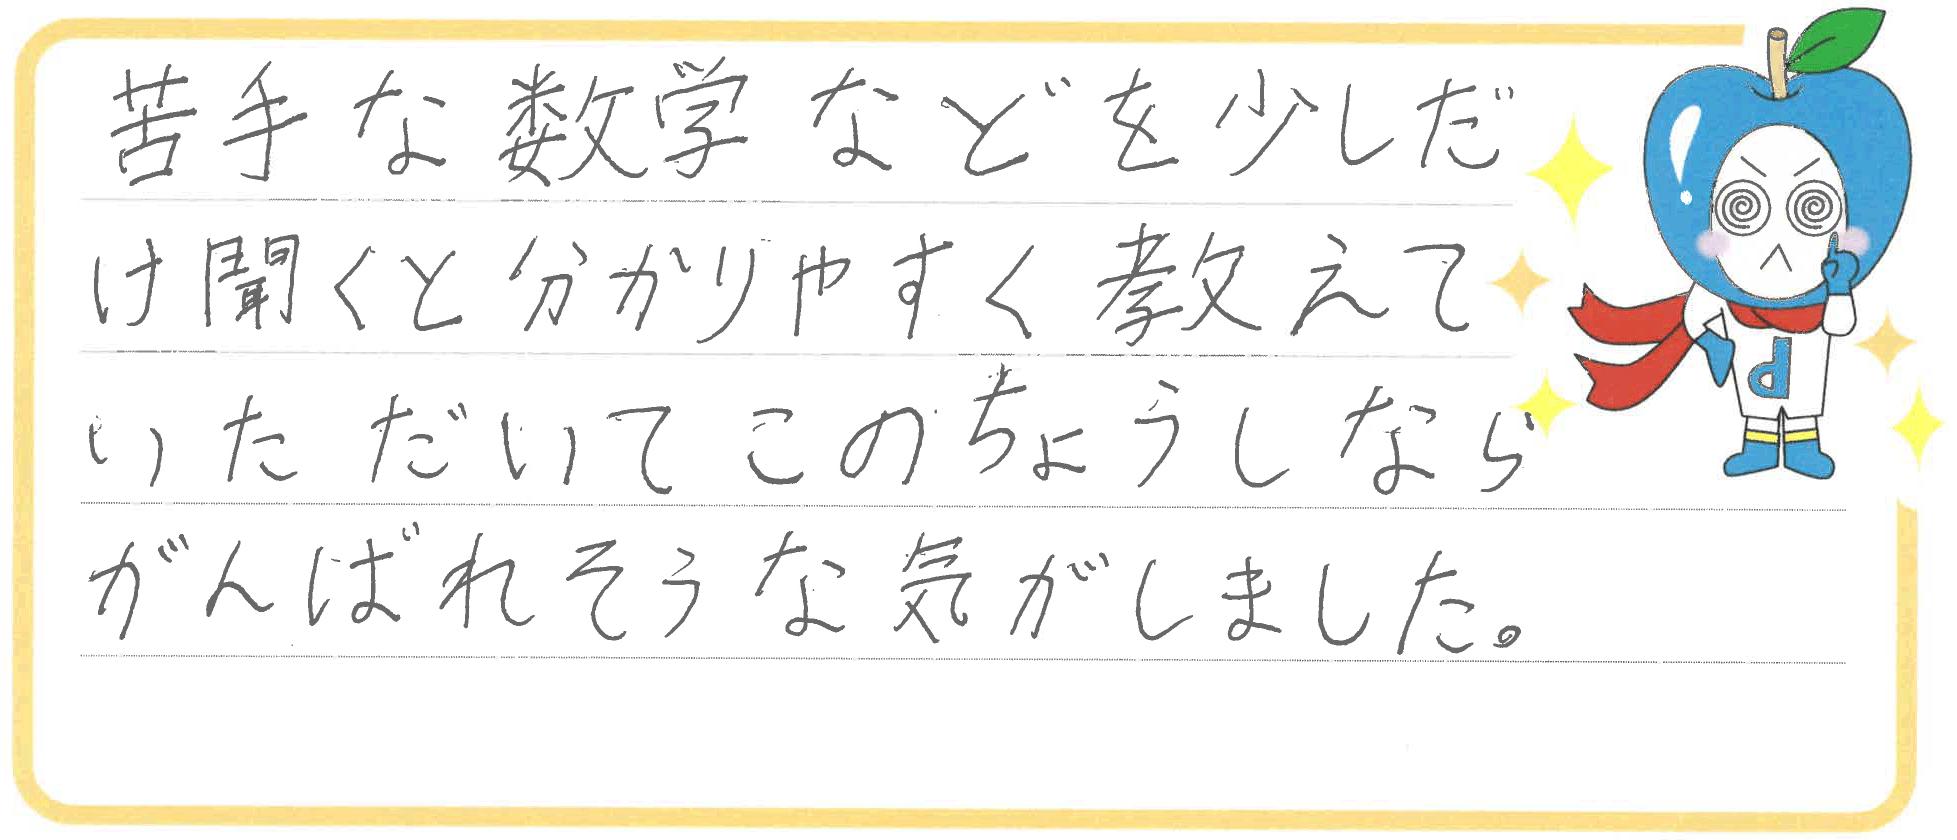 たくみ君(津山市)からの口コミ